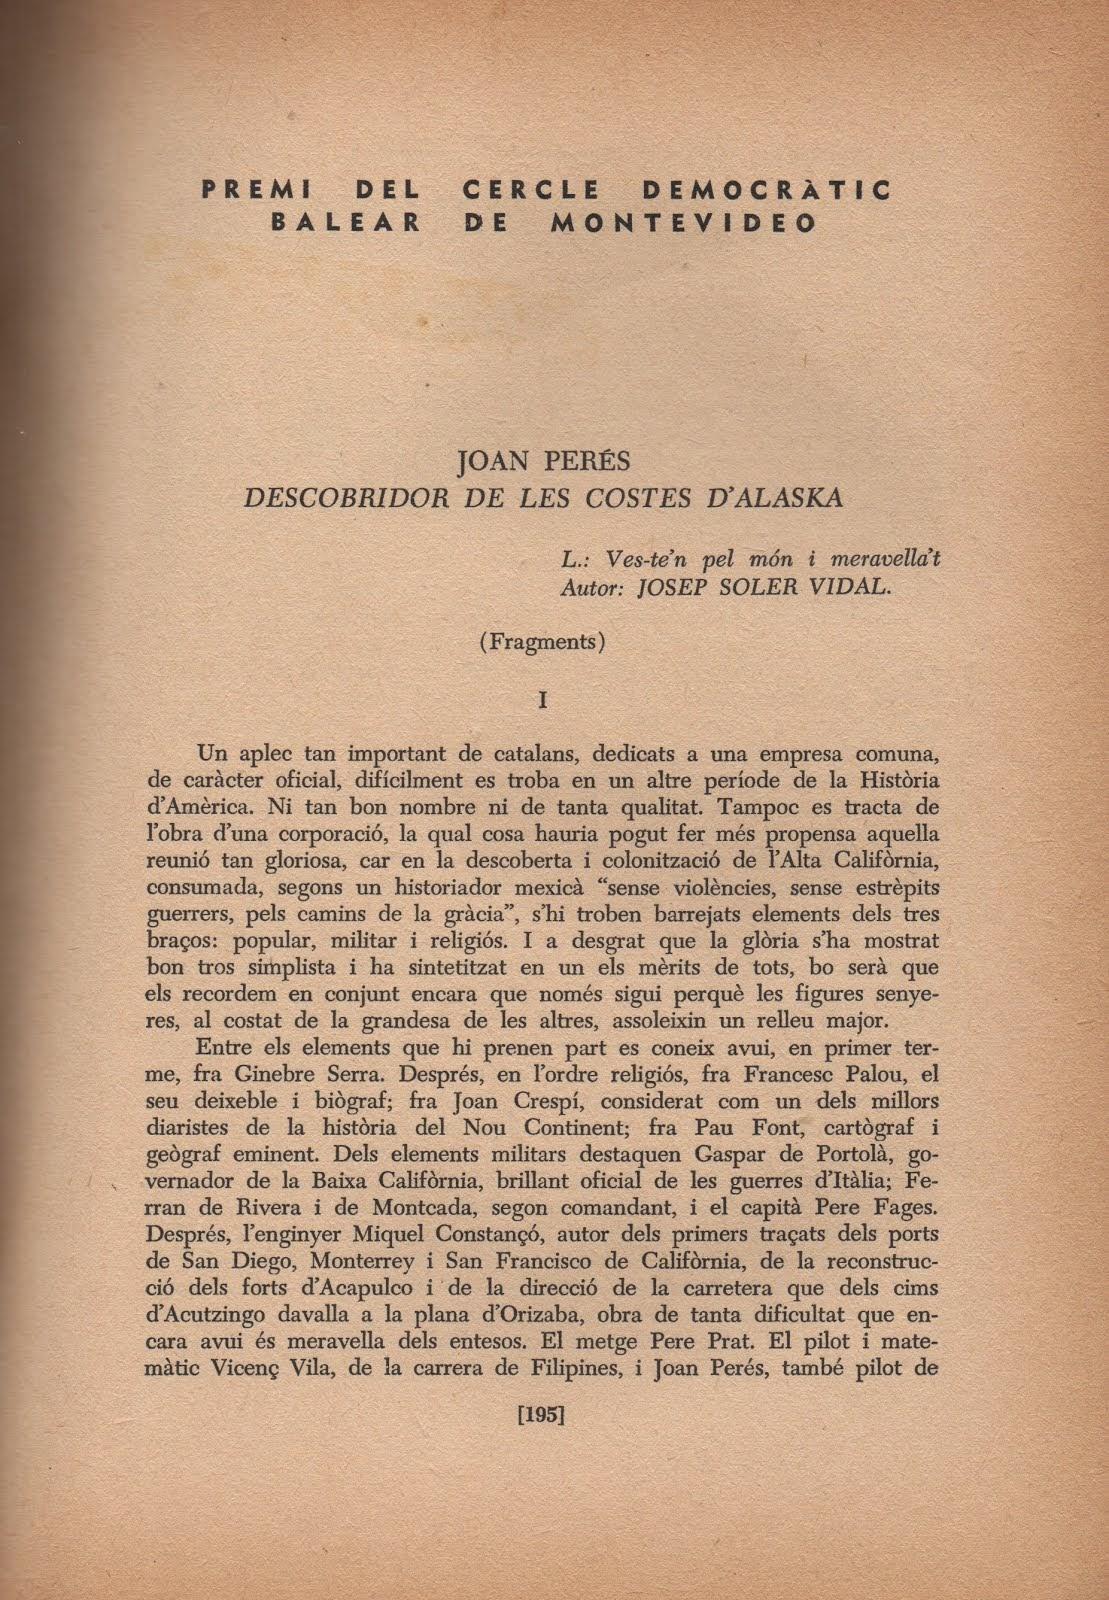 Joan Perés, Descobridor de les costes d'Alaska